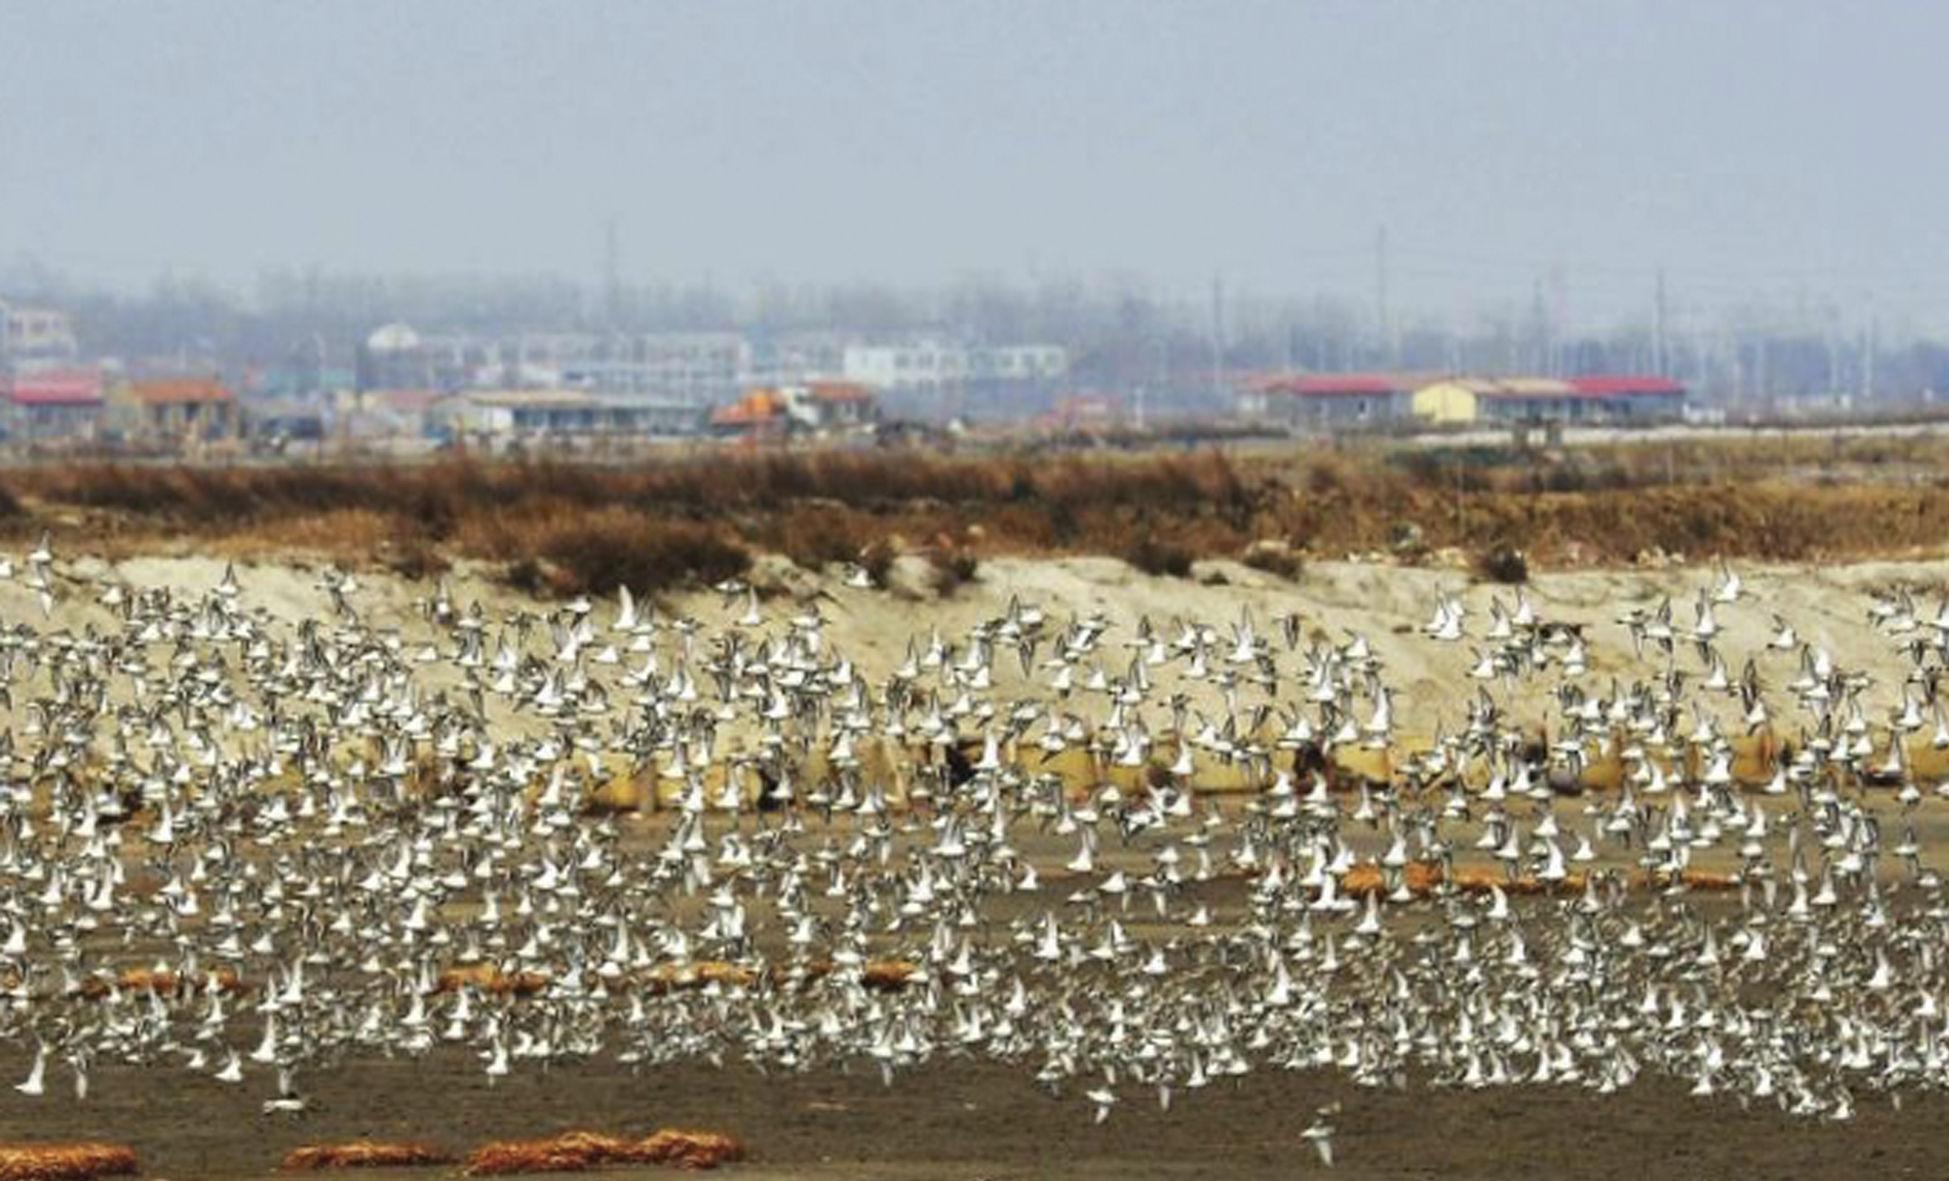 """候鸟迁徙过境胶州湾 成壮观过境潮"""" width="""